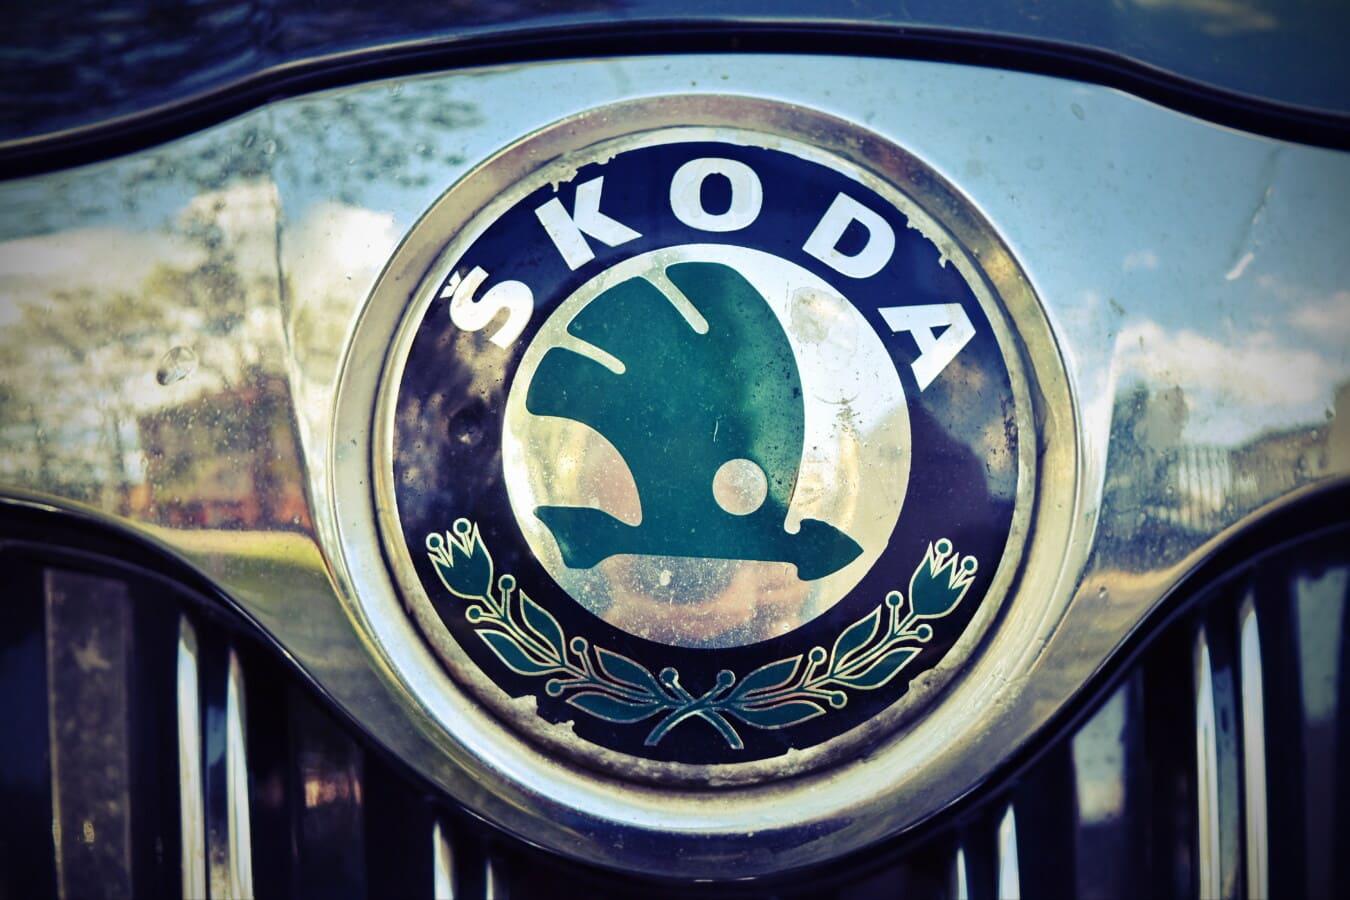 Skoda, chrome, métalliques, véhicule, signe, voiture, fermer, sedan, en détail, grille